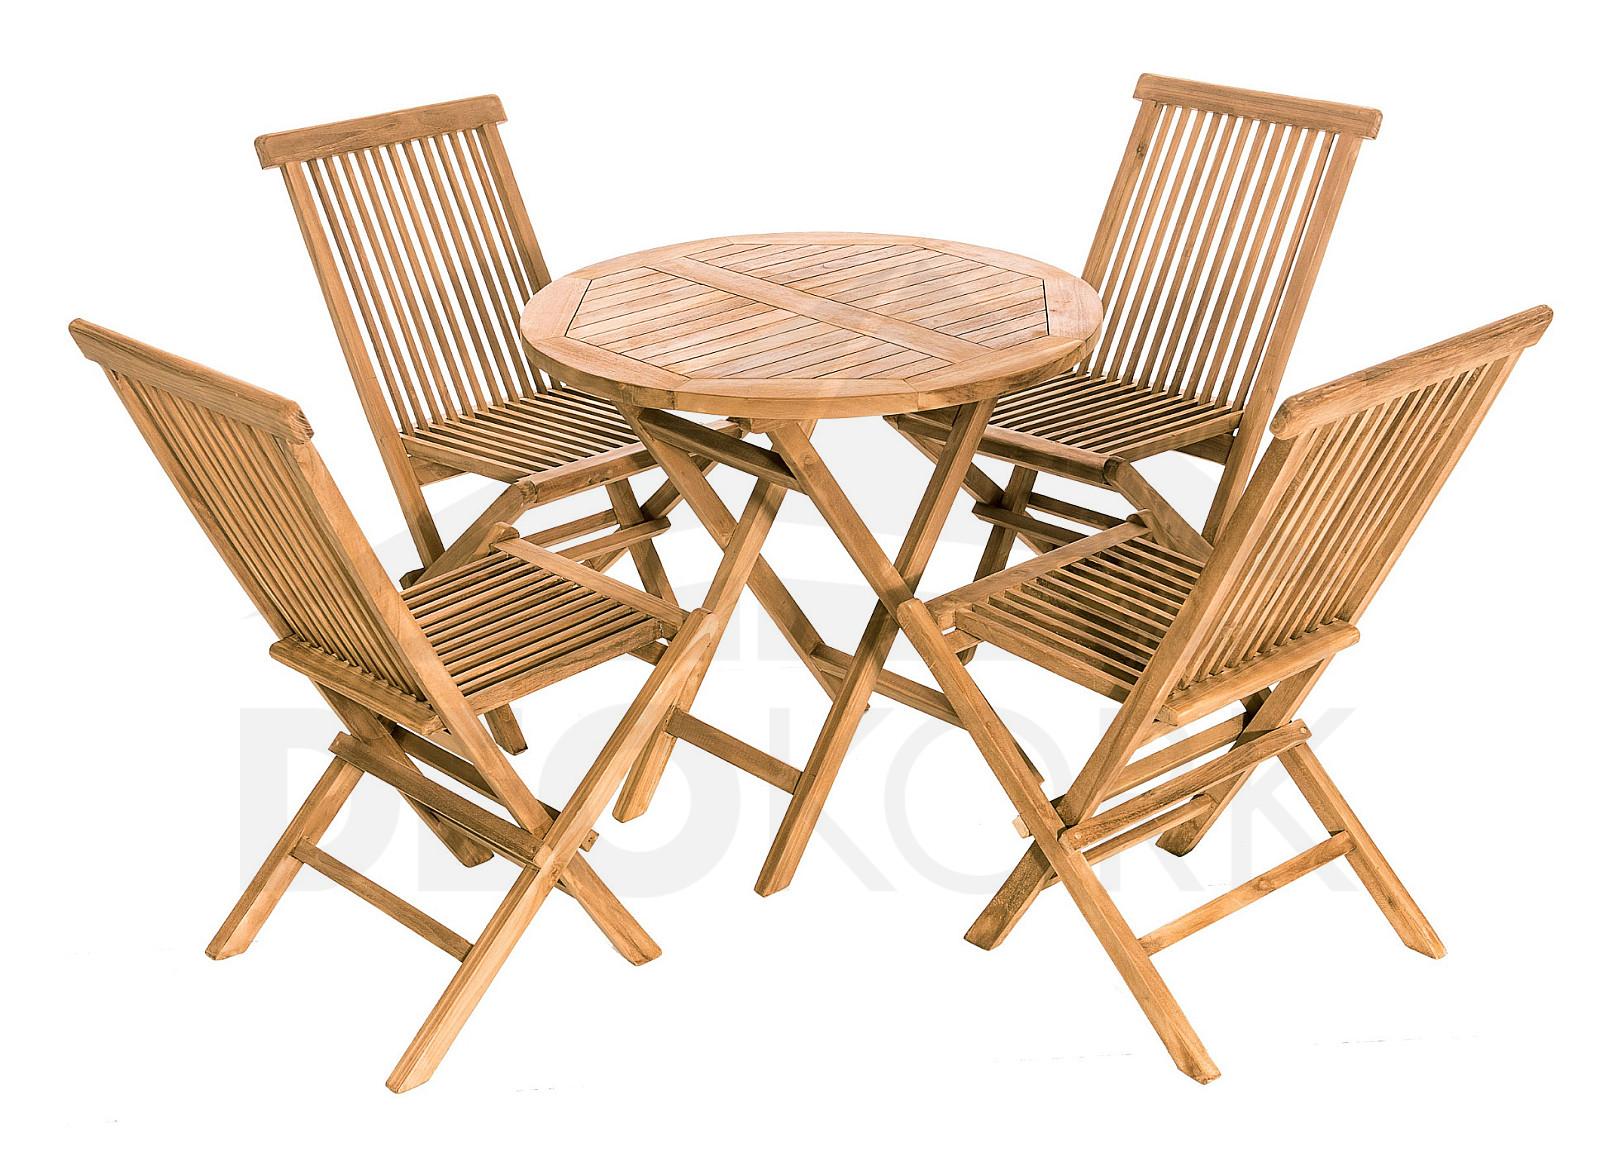 Gartenmöbel Set Aus Teakholz Foxi Balcony I 14 Auflagen Kostenlos